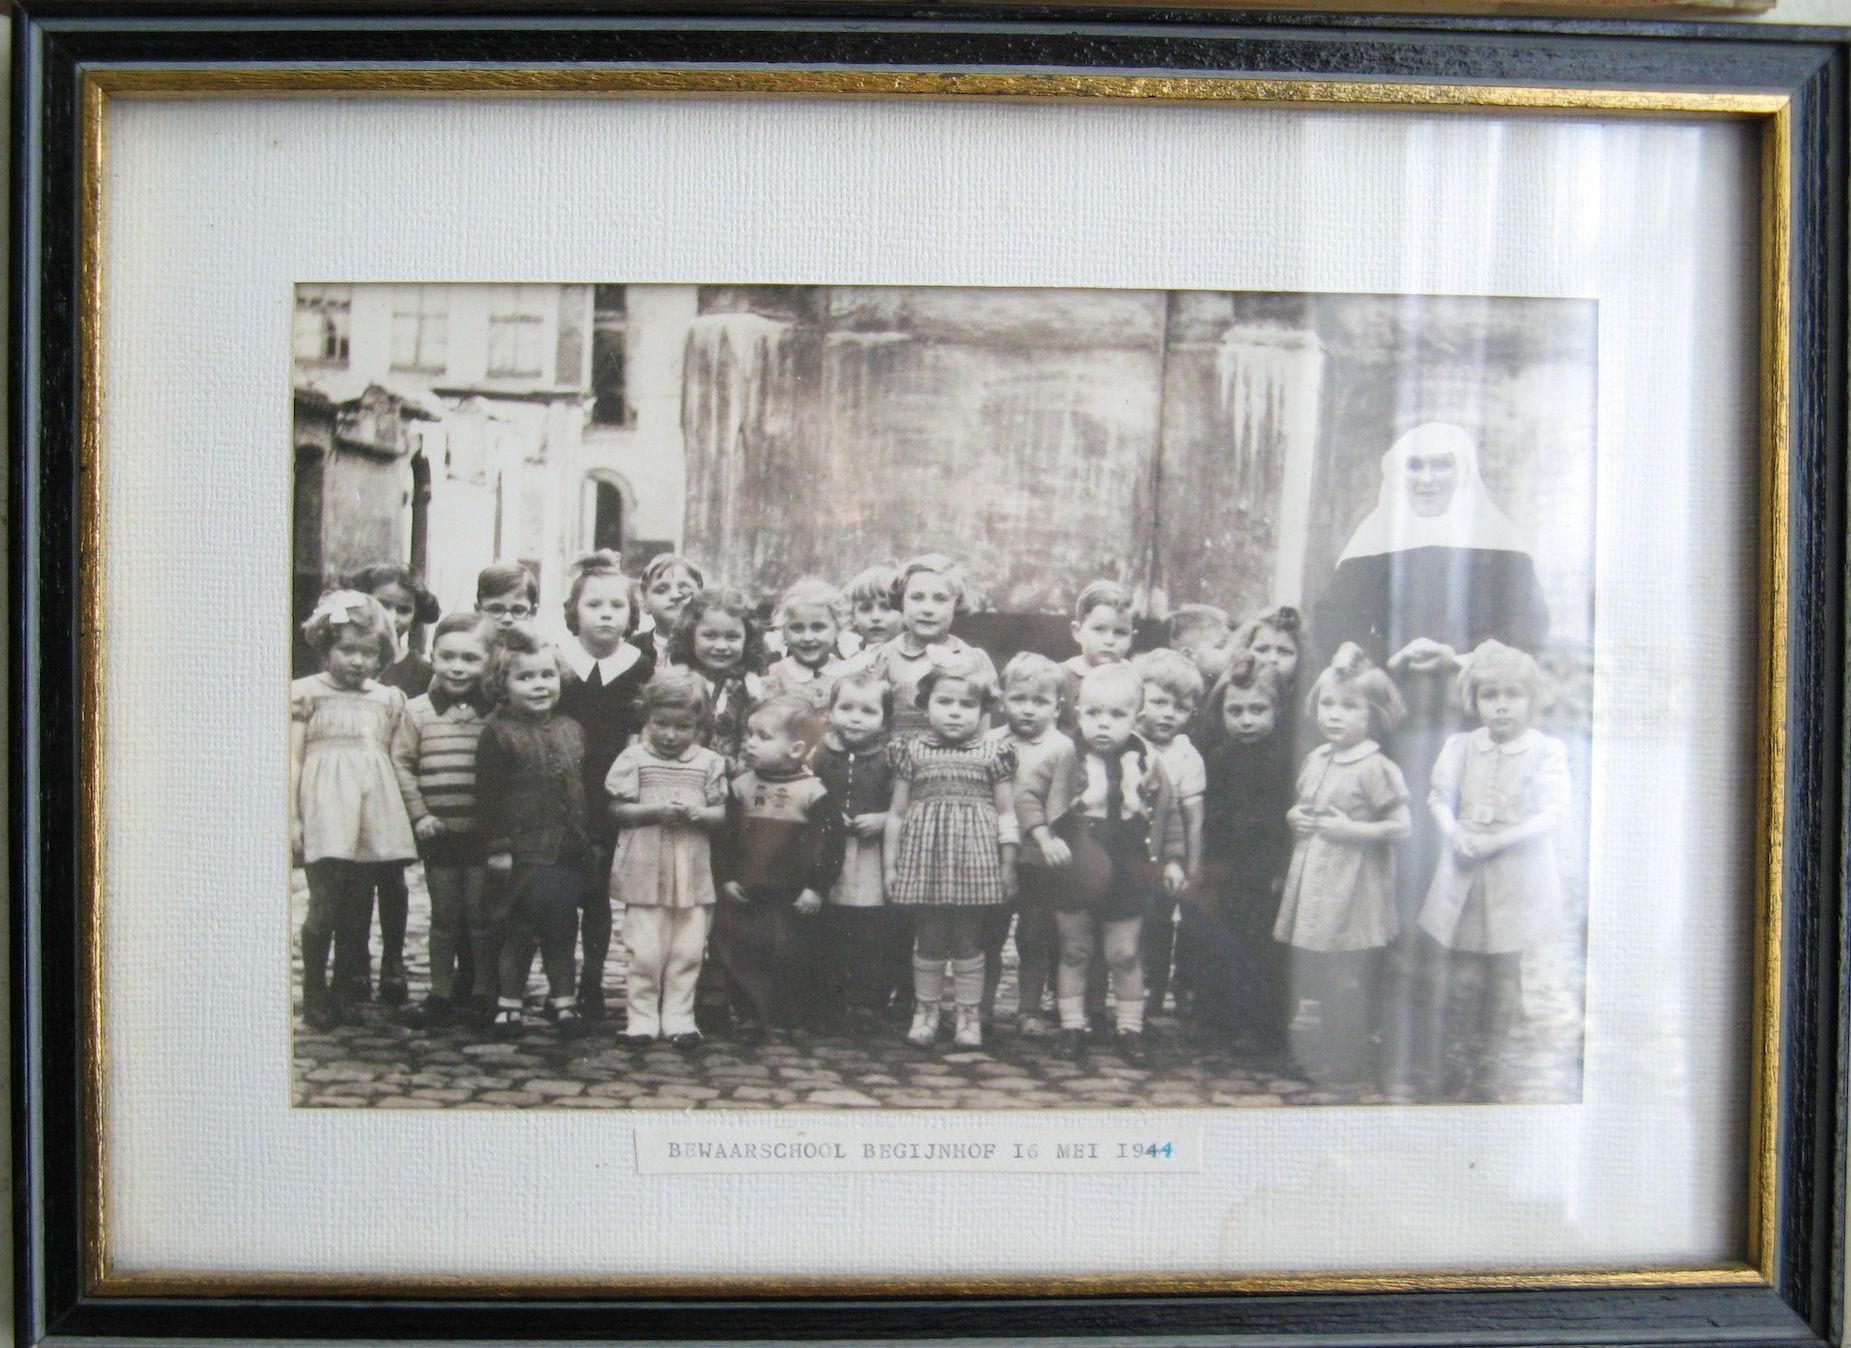 Bewaarschool van het Begijnhof 1944